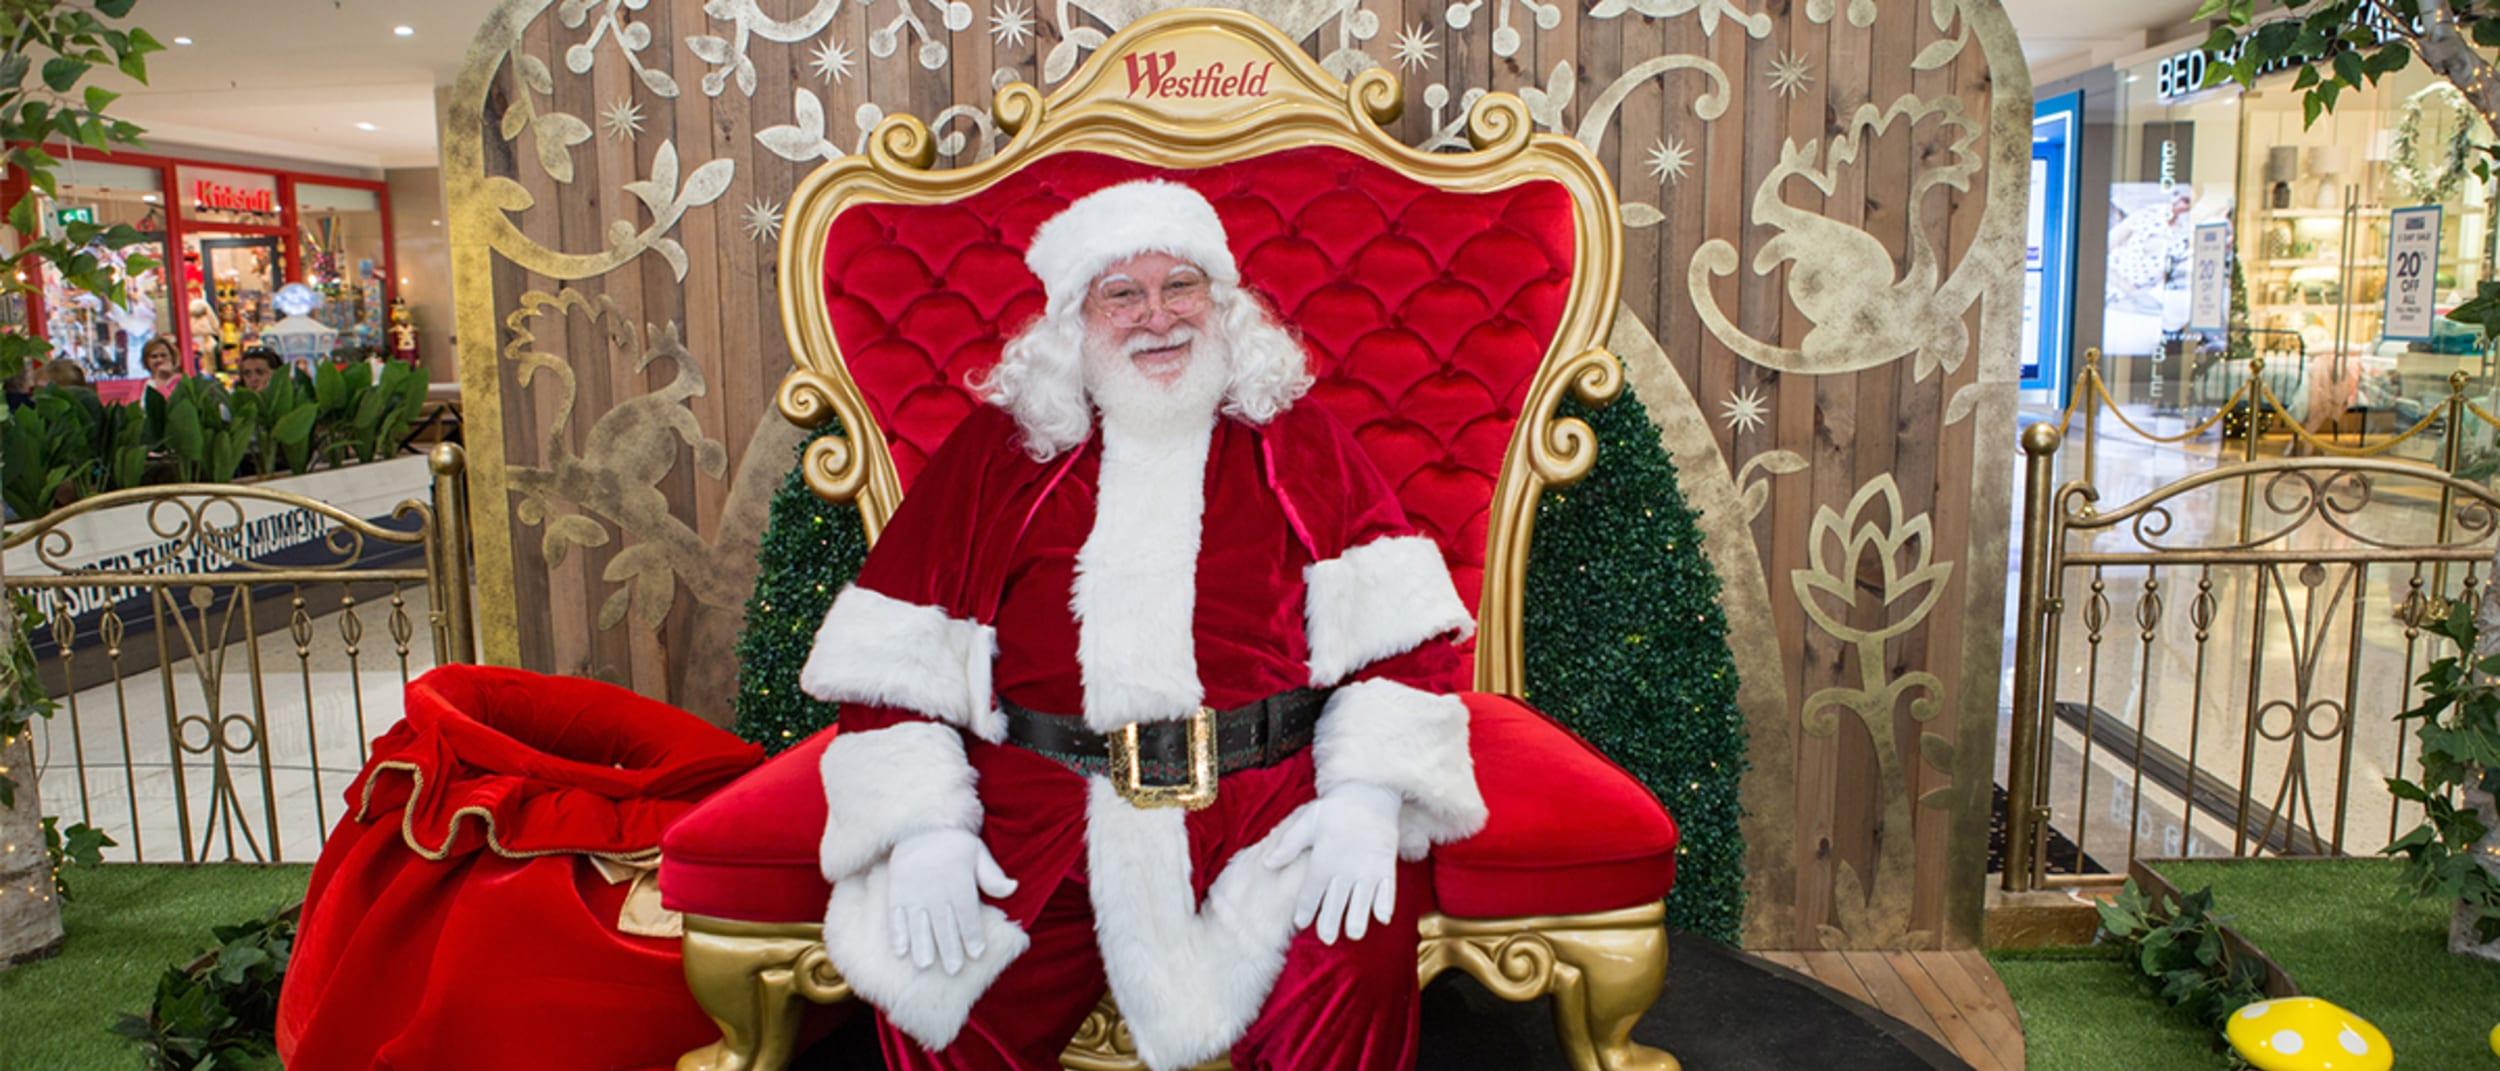 Santa photography at Westfield Kotara